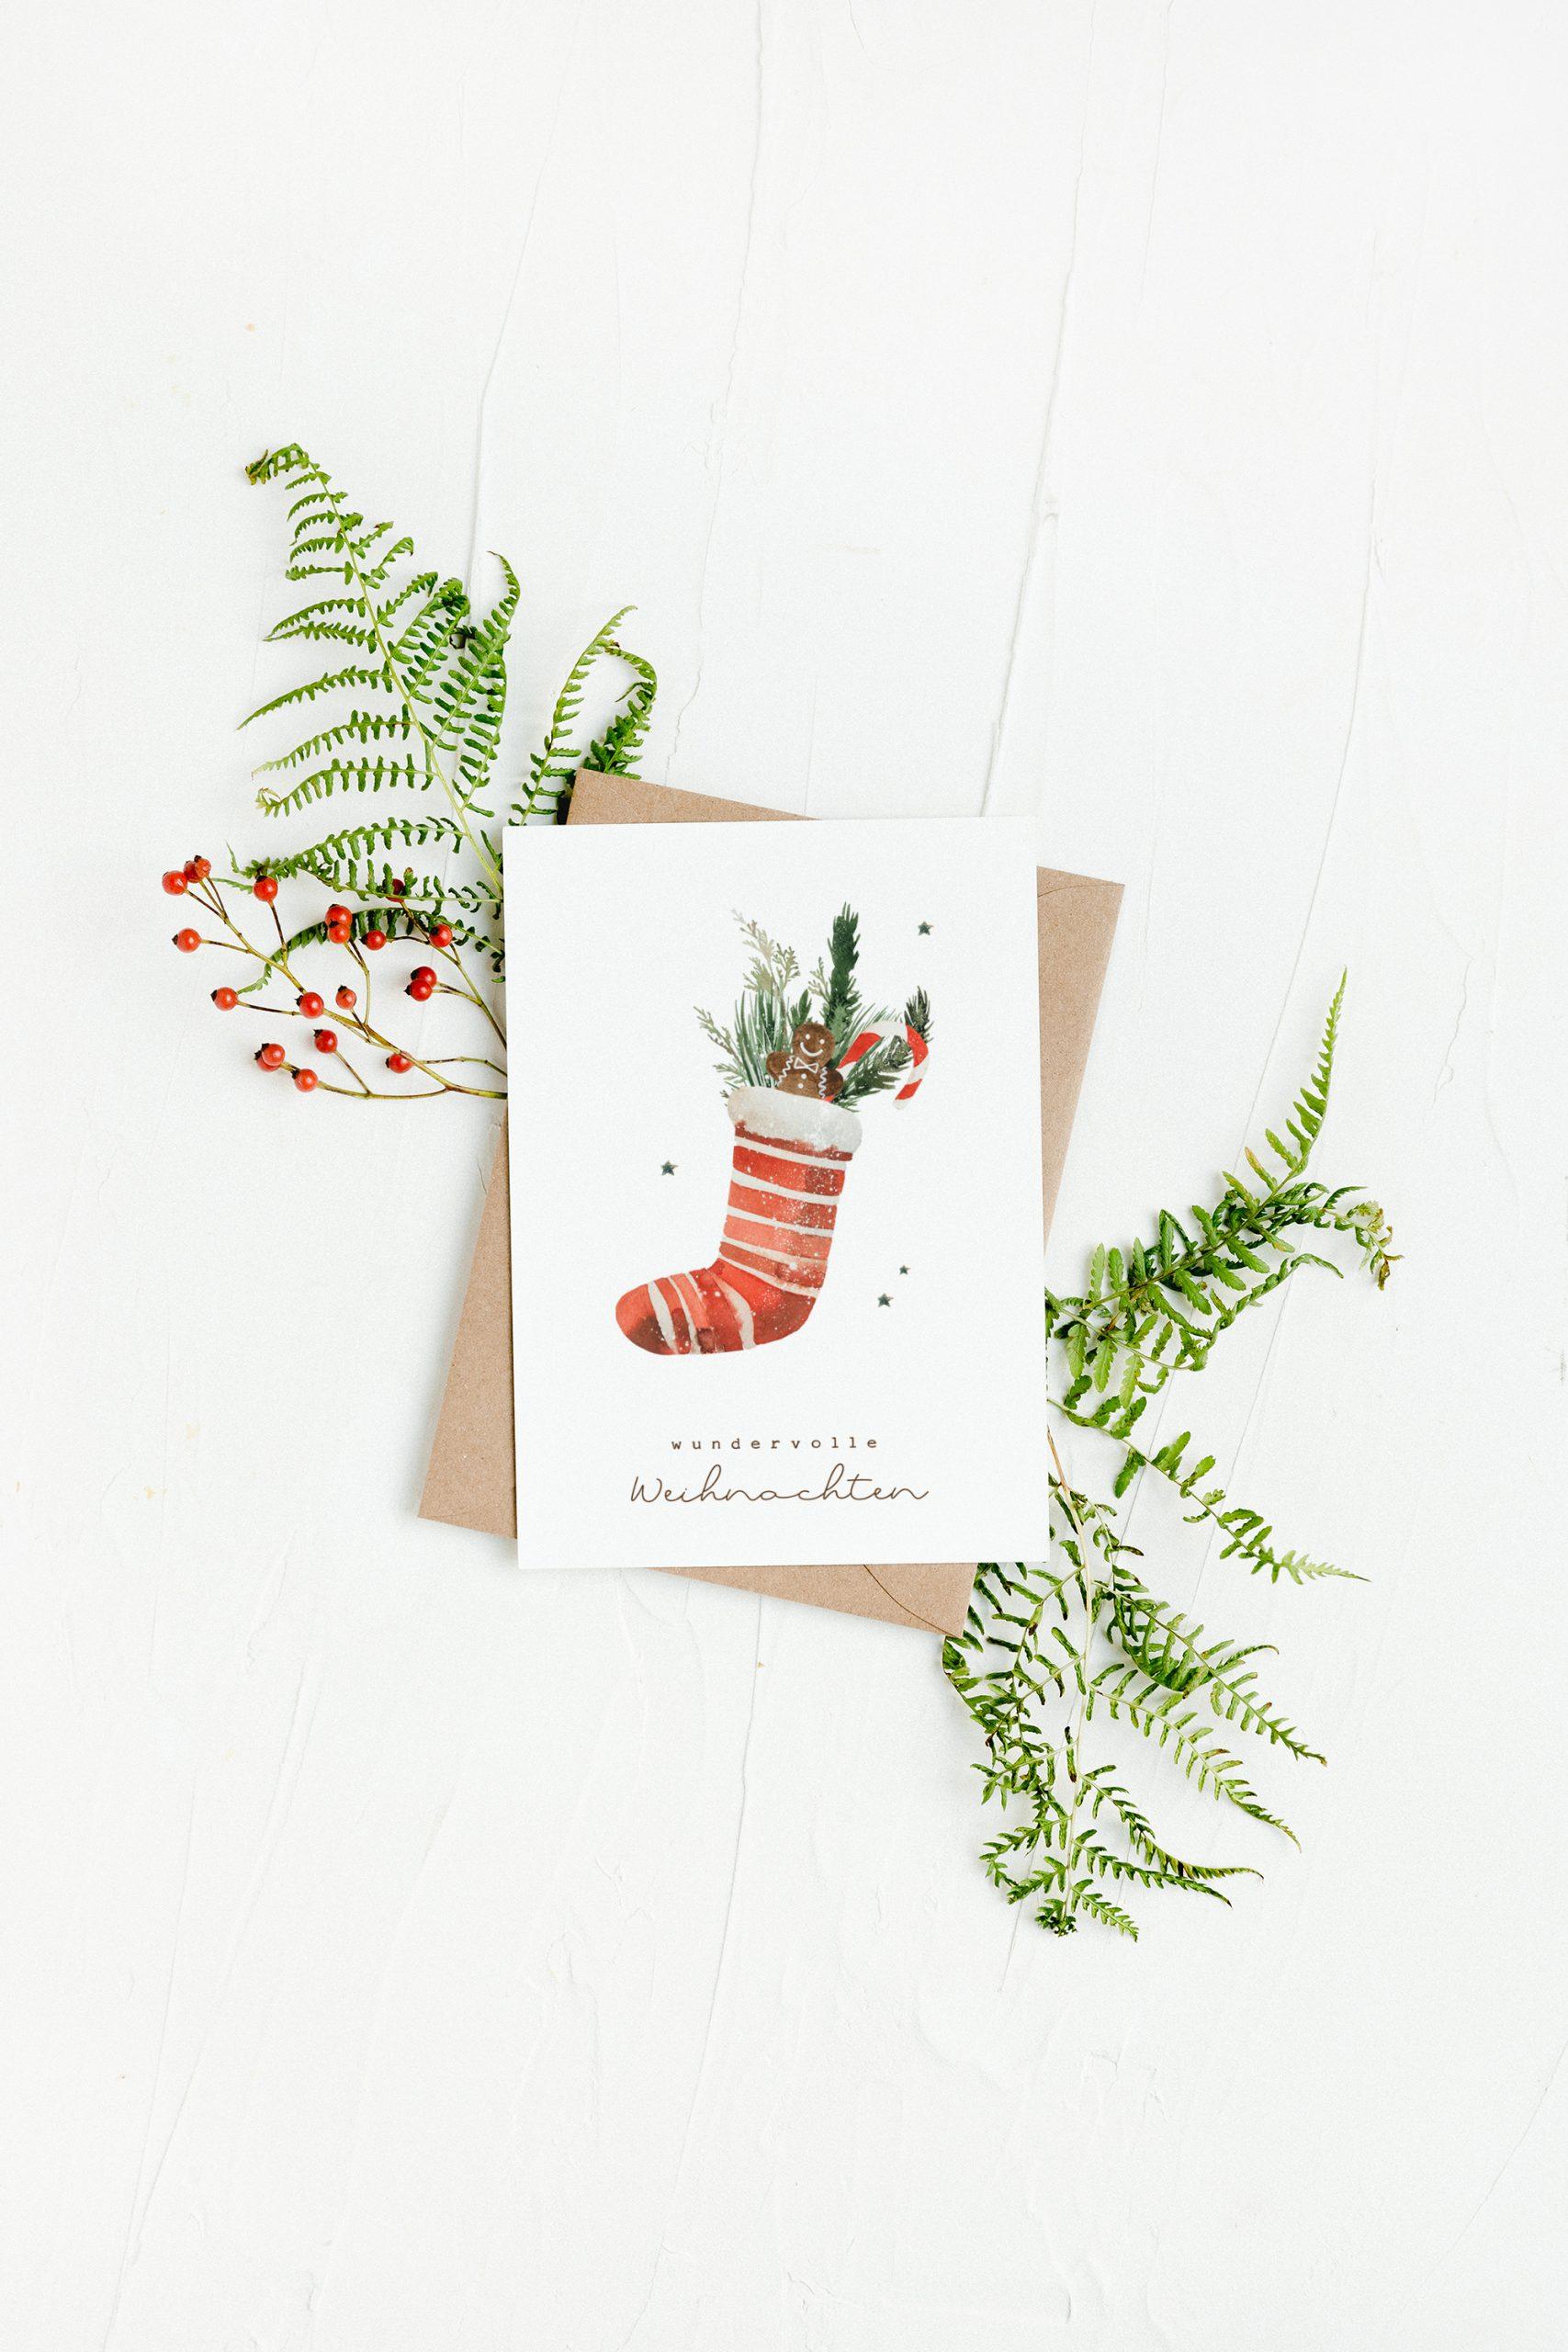 Weihnachtskarten Set Aquarell Waldweihnacht, Karte Weihnachten, Weihnachtskarte modern, Tannenbaum #weihnachtskarten #weihnachtskarte #weihnachten #karte #postkarte #aquarell #modern #wald #greenery